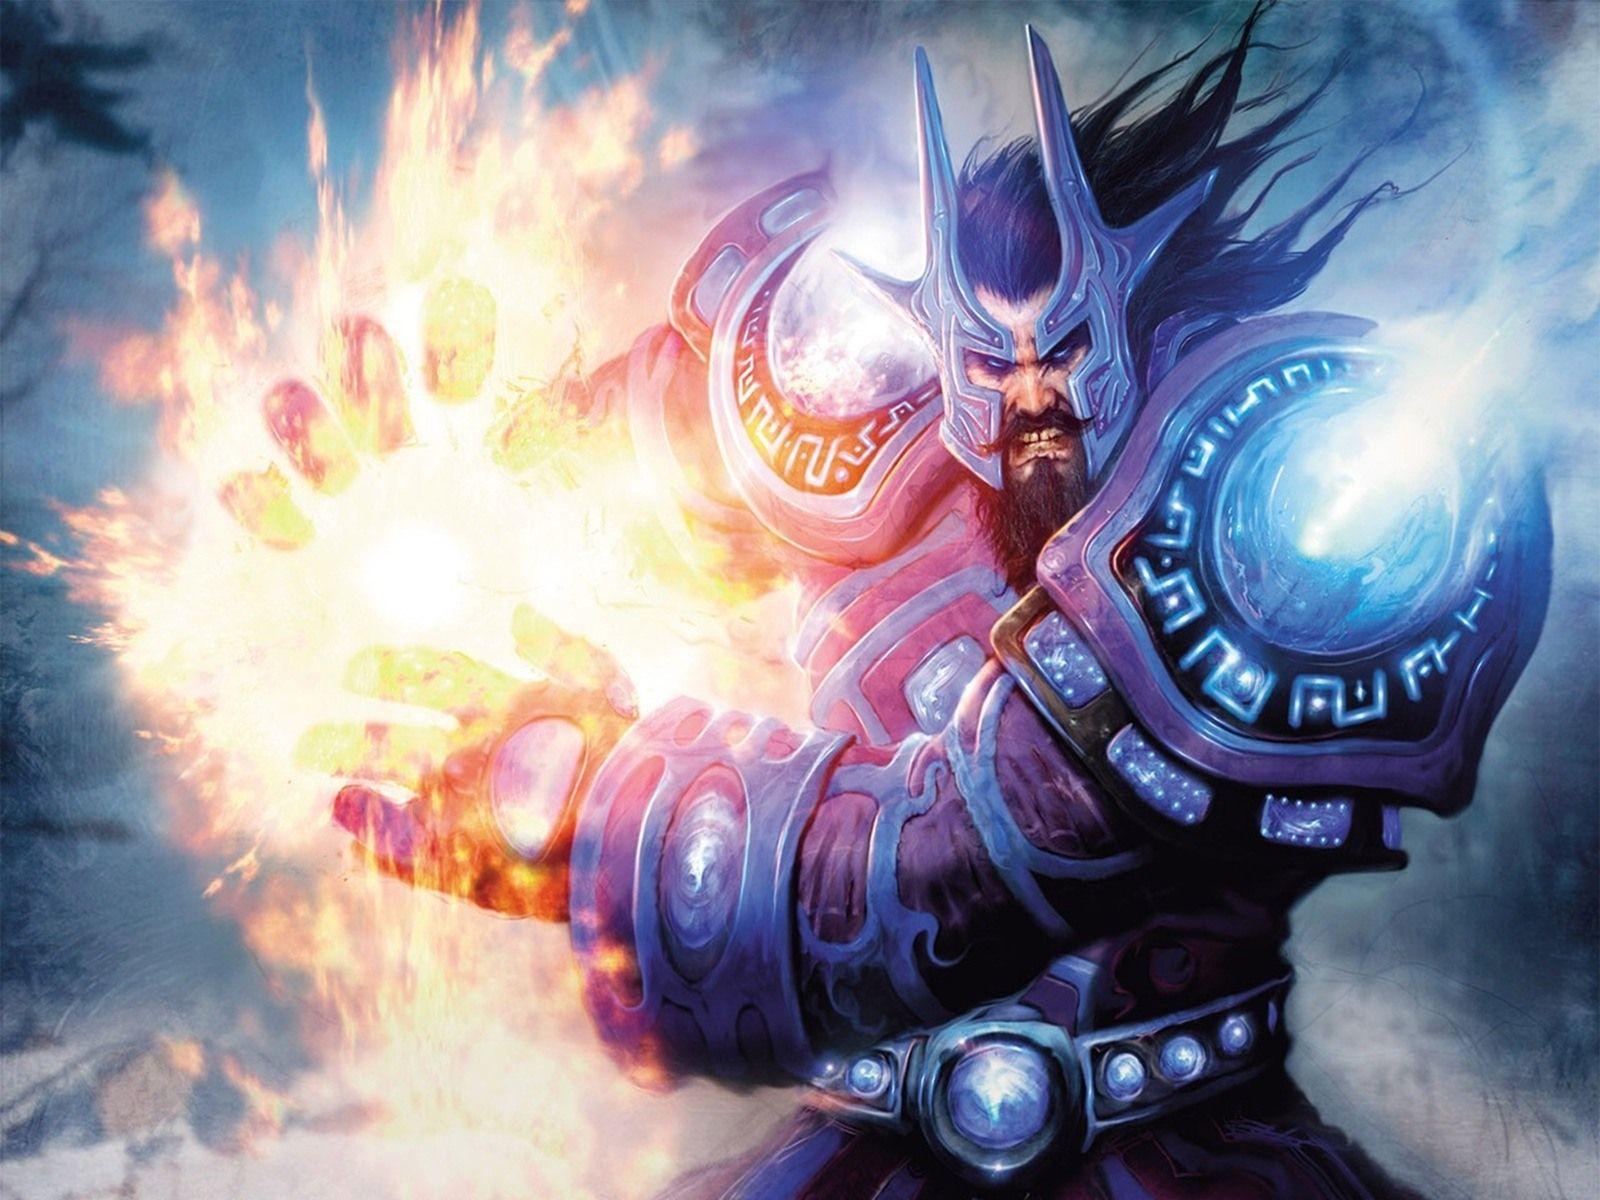 World Of Warcraft Mage Desktop Wallpaper World Of Warcraft Wallpaper World Of Warcraft Game Warcraft Art